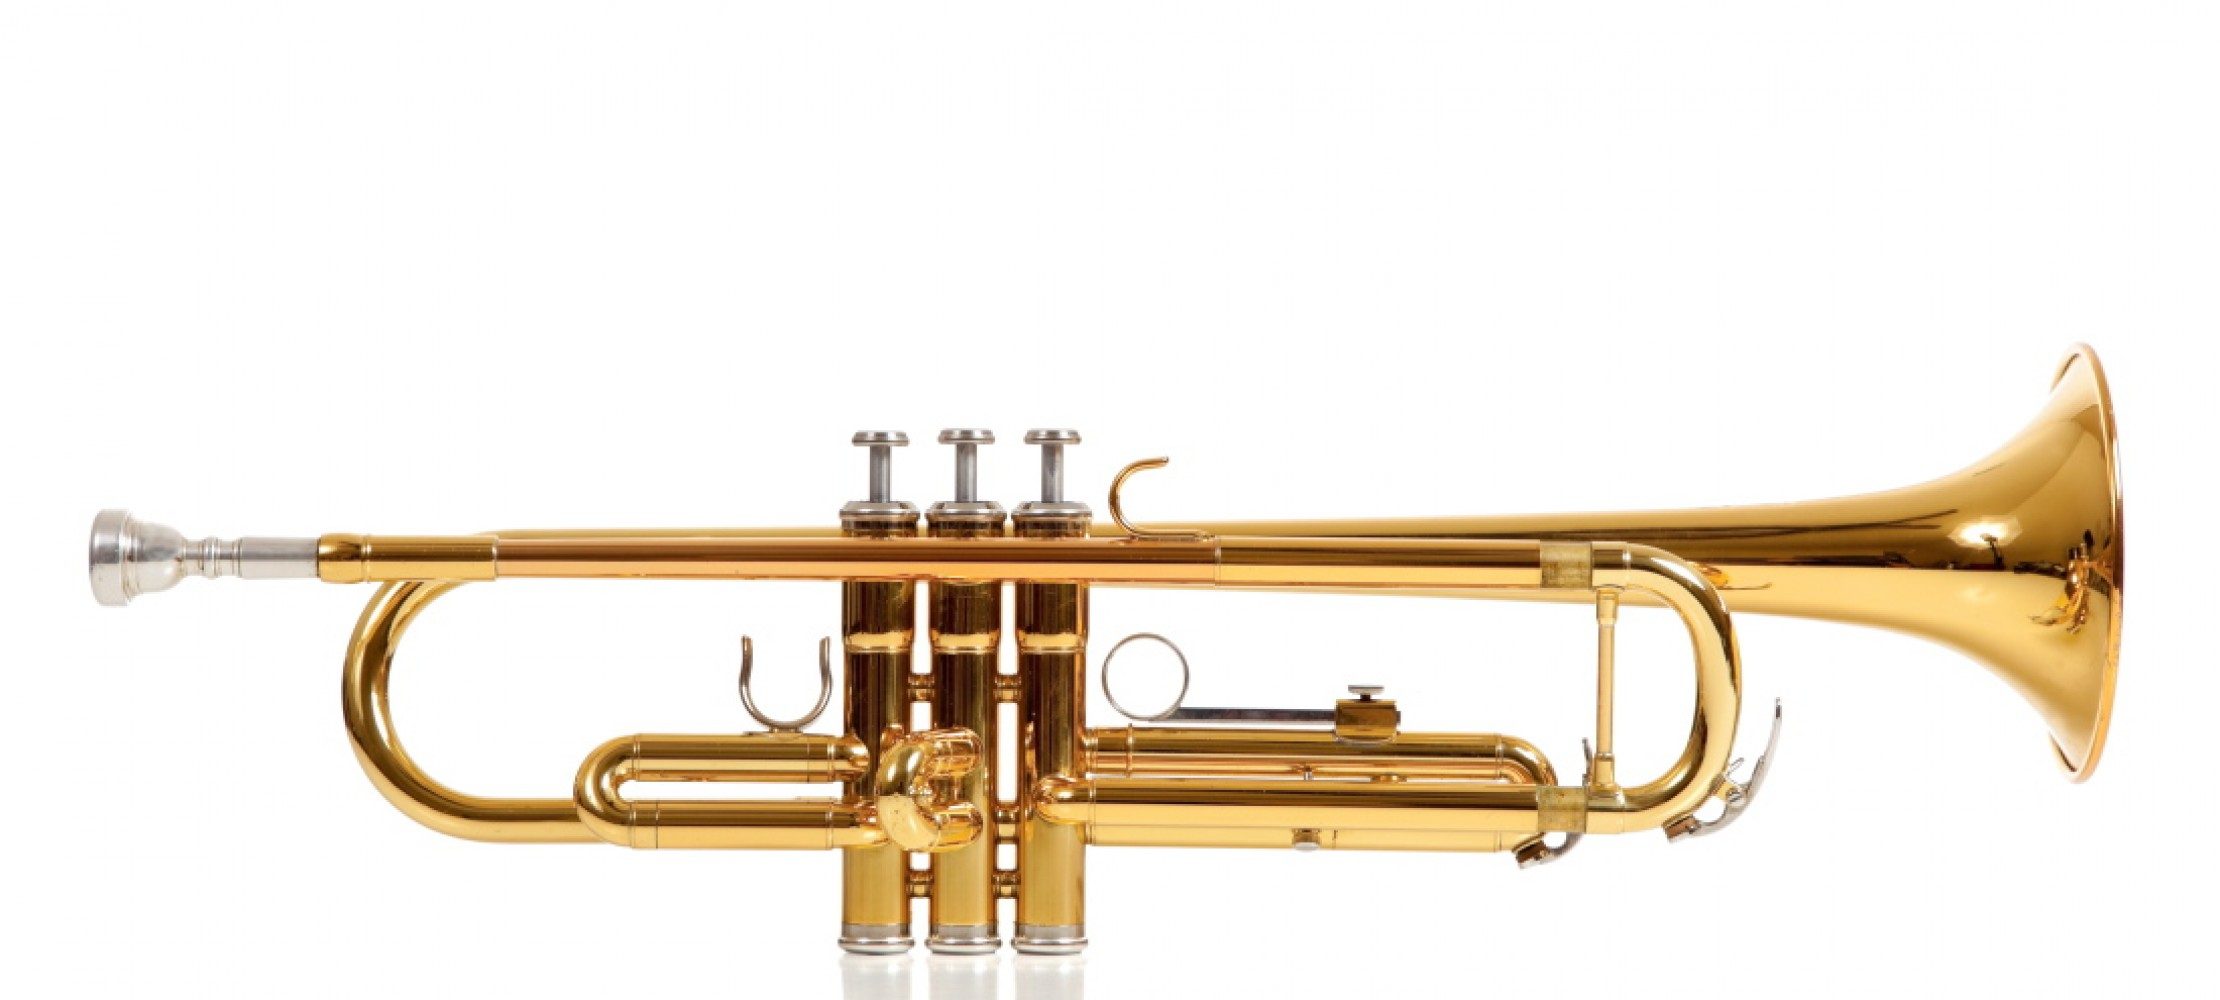 Instrumente-Serie: So Lernst Du Trompete Spielen | Duda.news bestimmt für Trompete Bilder